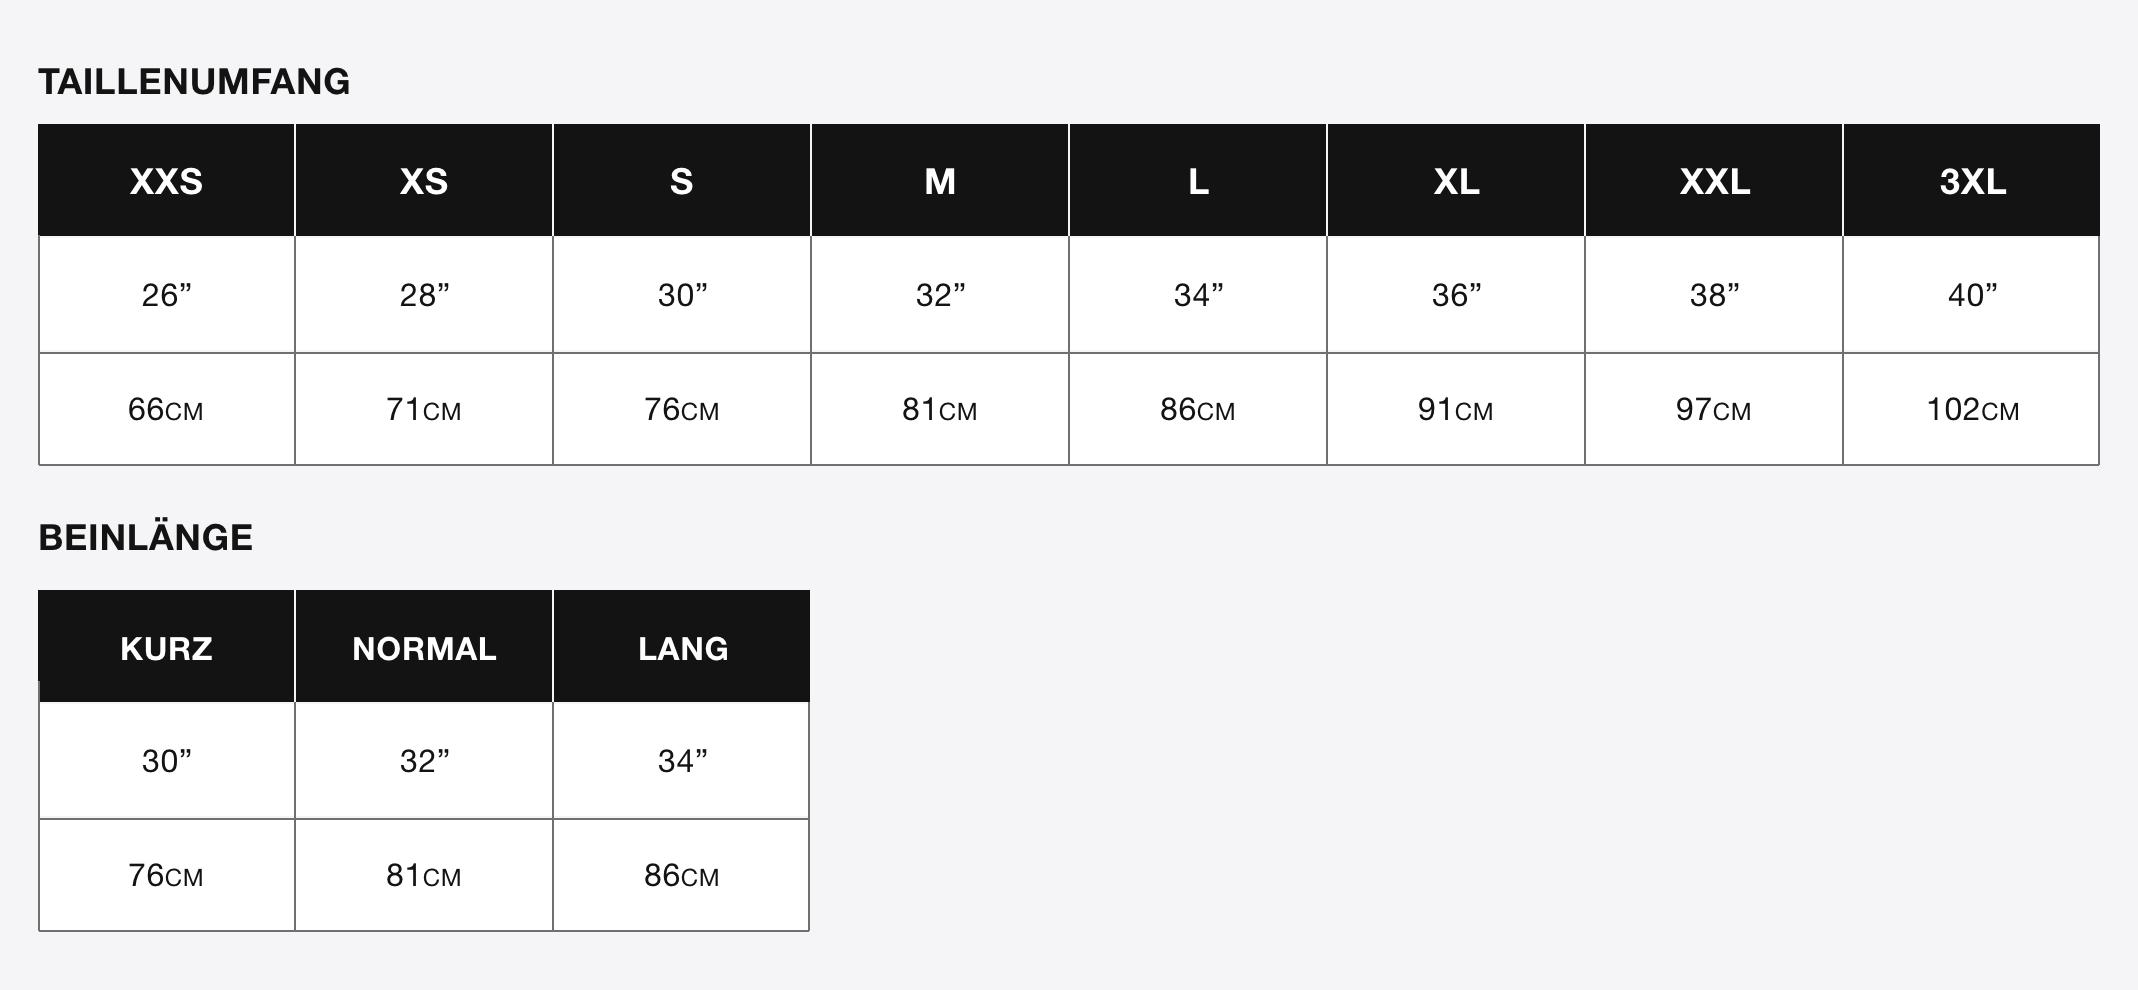 Superdry size information (desktop)